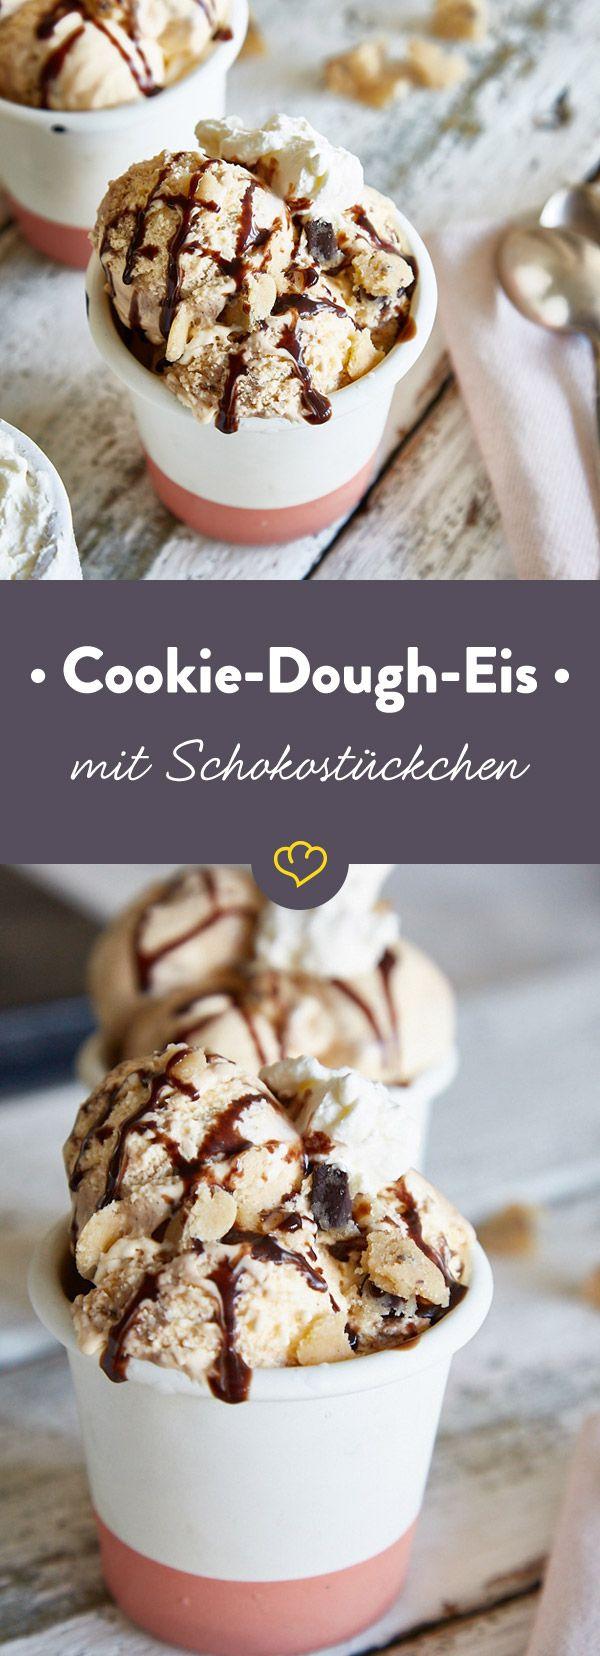 So wie du es kennst, nur besser: Extra cremiges Vanilleeis und genau so viel Cookie Dough, wie es dir passt. Schmeiß den Fernseher an, jetzt wird genossen!